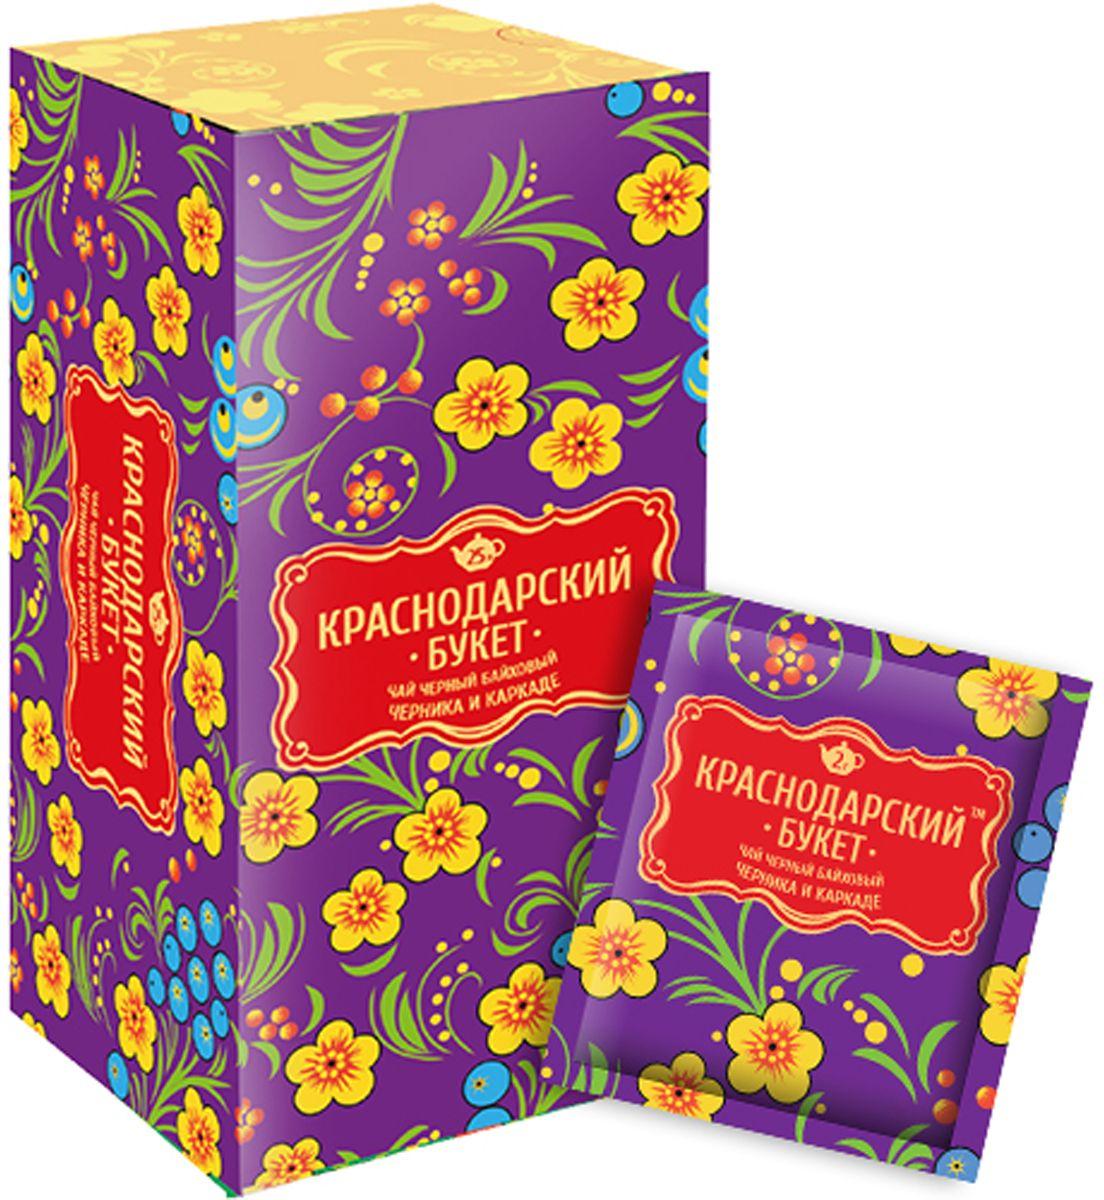 Краснодарский букет чай черный с черникой и каркаде в пакетиках, 25 шт4607051543034Крепкий чай с добавлением ягод черники и цветков каркаде раскрывается богатым терпко-сладковатым вкусом и долгим приятным послевкусием.Всё о чае: сорта, факты, советы по выбору и употреблению. Статья OZON Гид